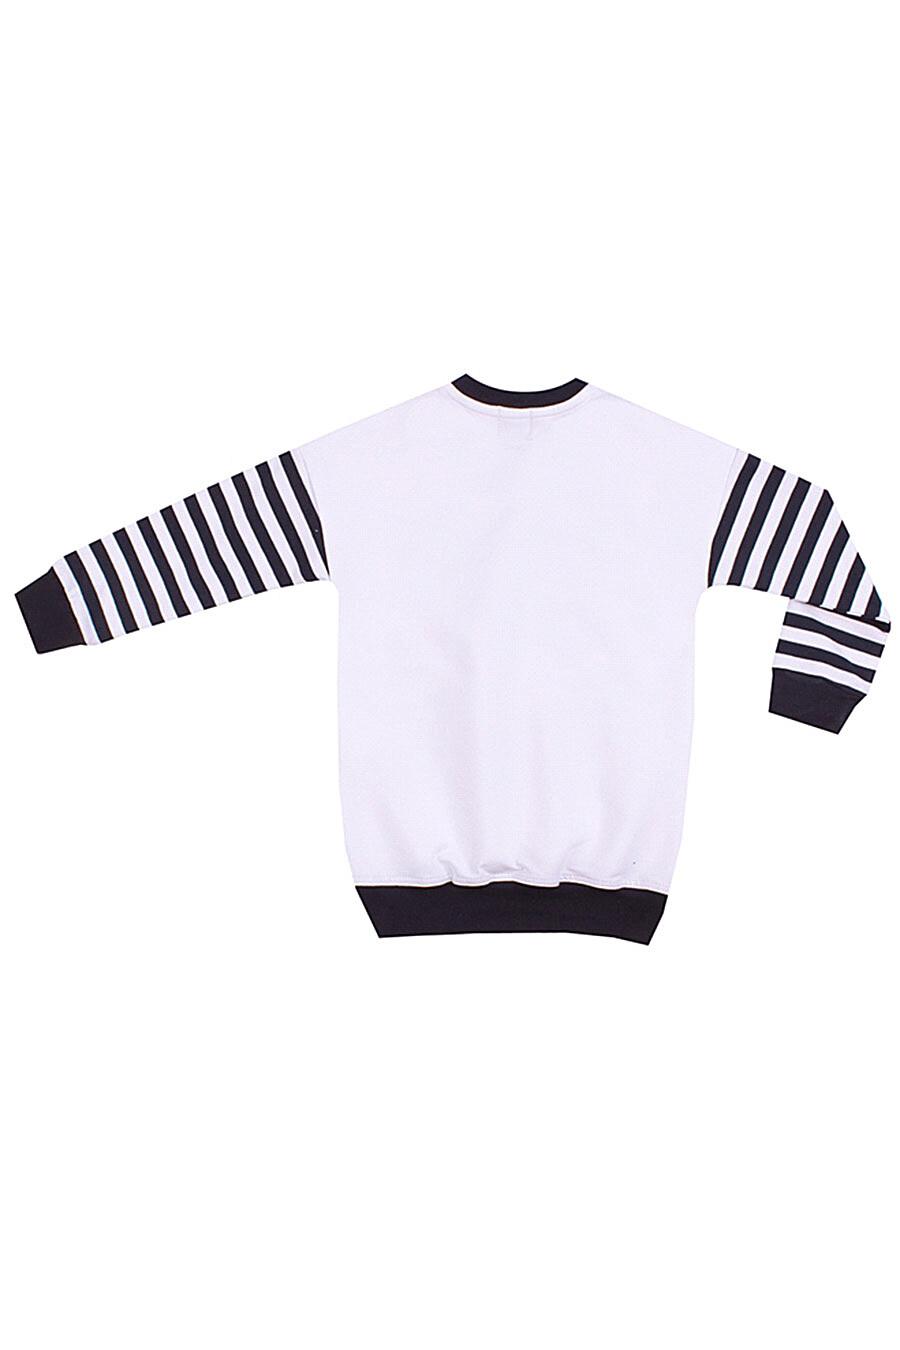 Джемпер для девочек Archi 130751 купить оптом от производителя. Совместная покупка детской одежды в OptMoyo